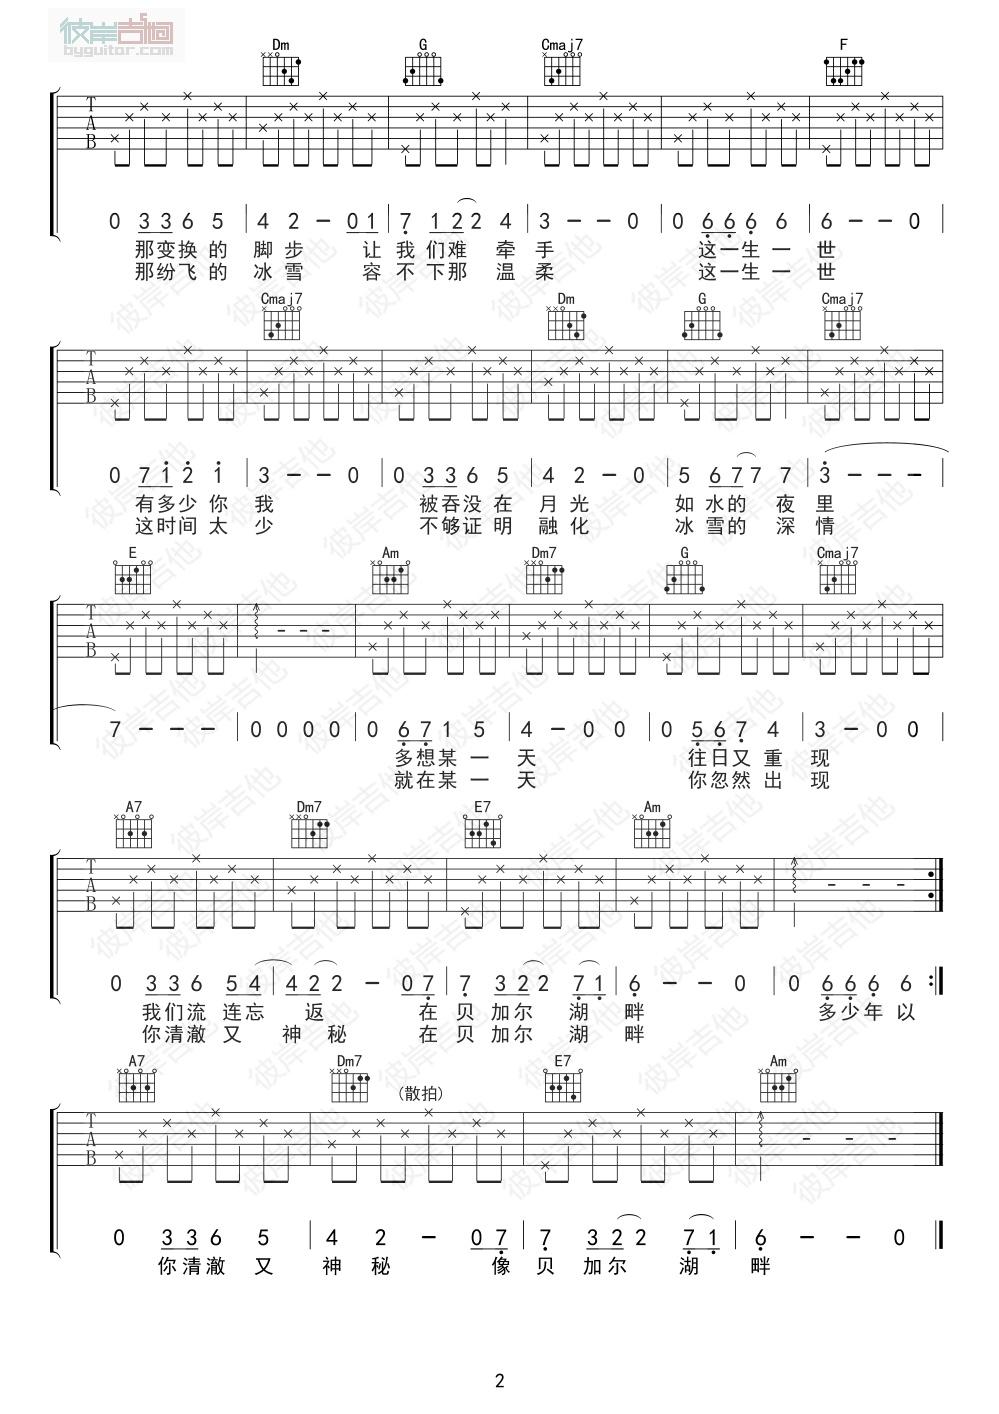 贝加尔湖畔 c调弹唱版的吉他谱